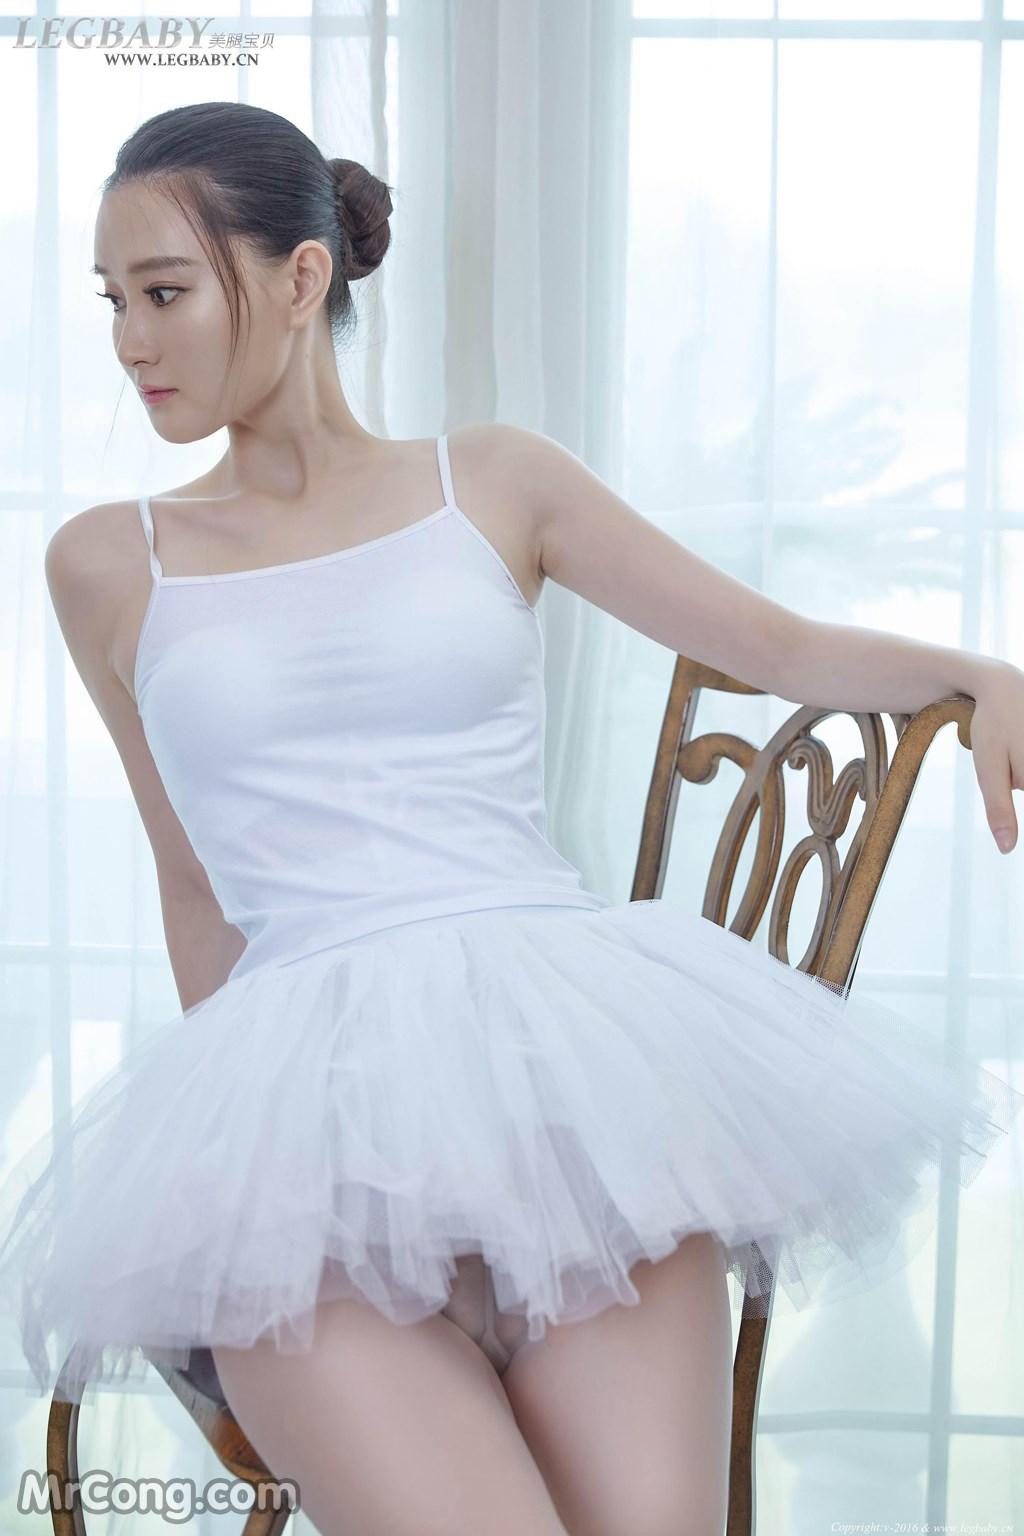 LegBaby Vol.027: Người mẫu Xiao Xiao (潇潇) (64 ảnh)